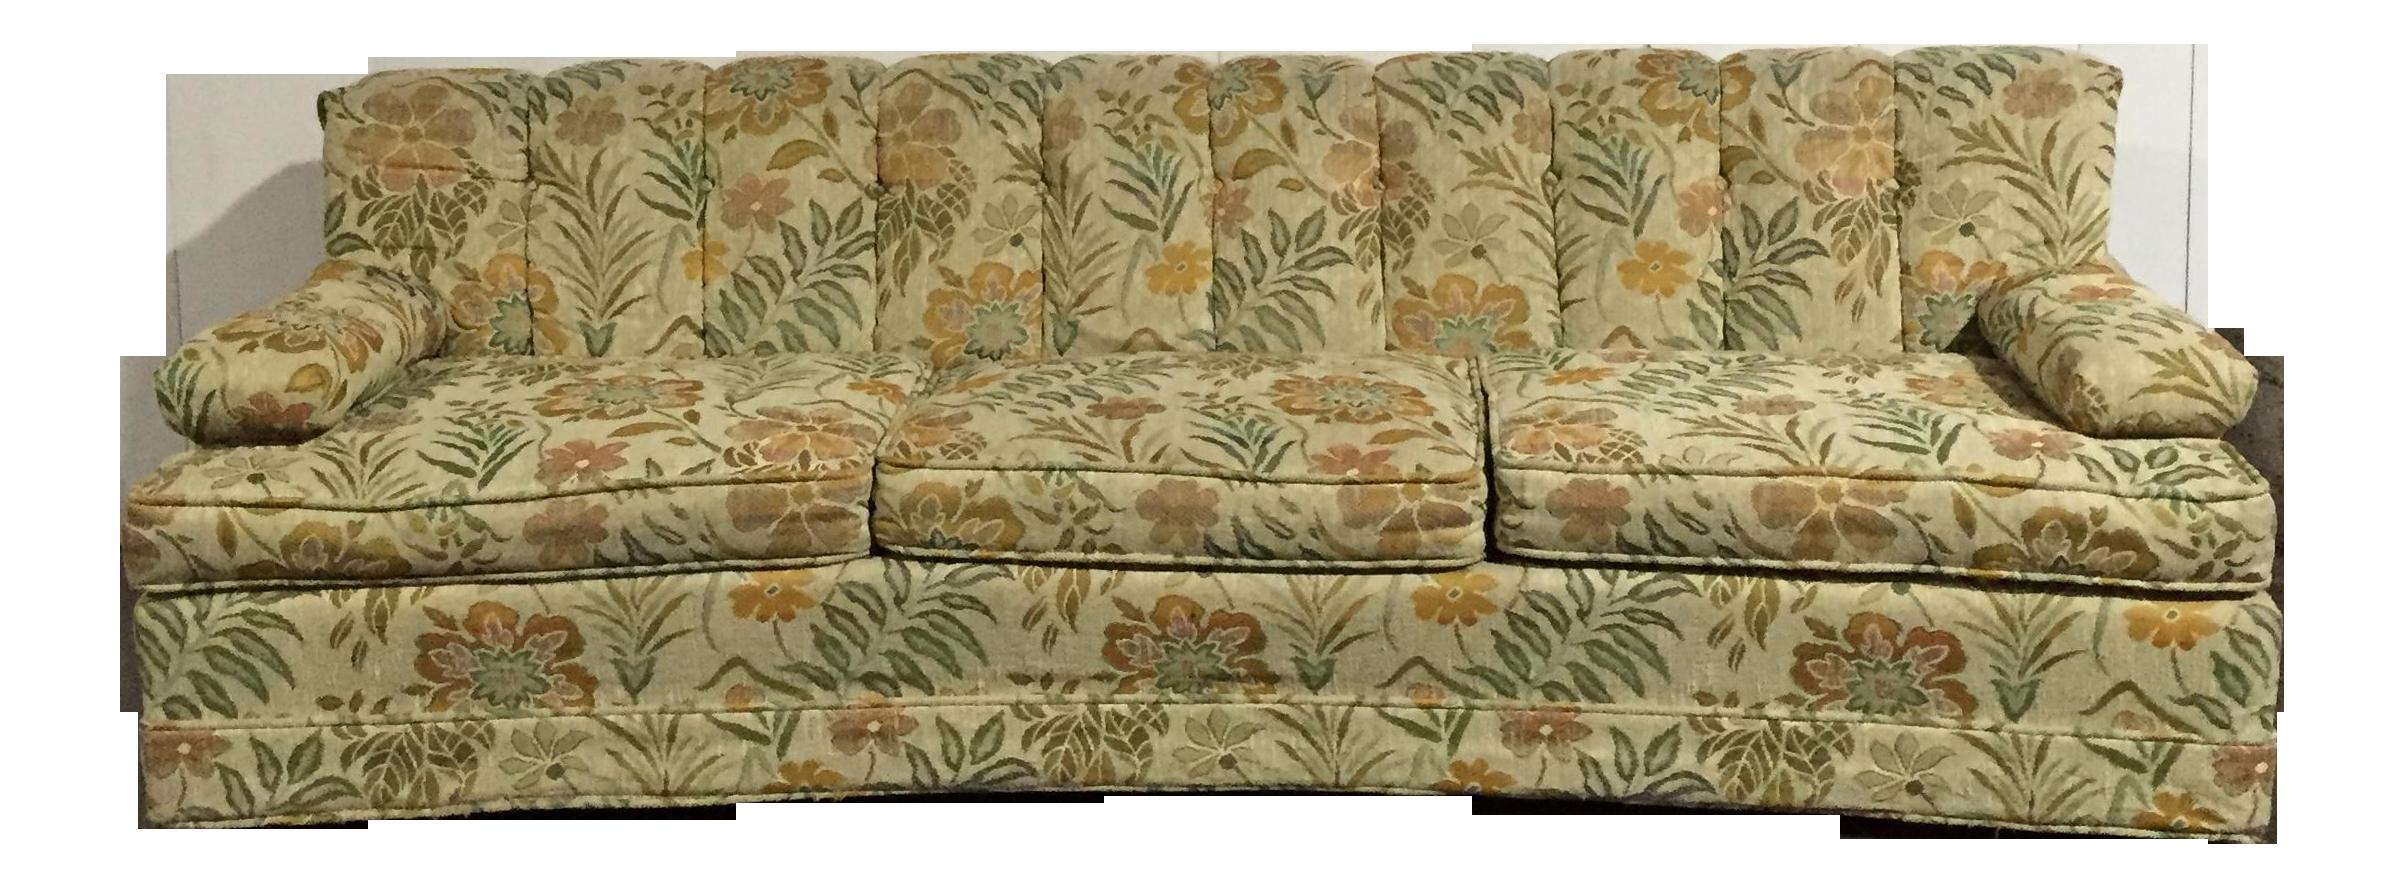 Vintage 60s Retro Floral Sofa